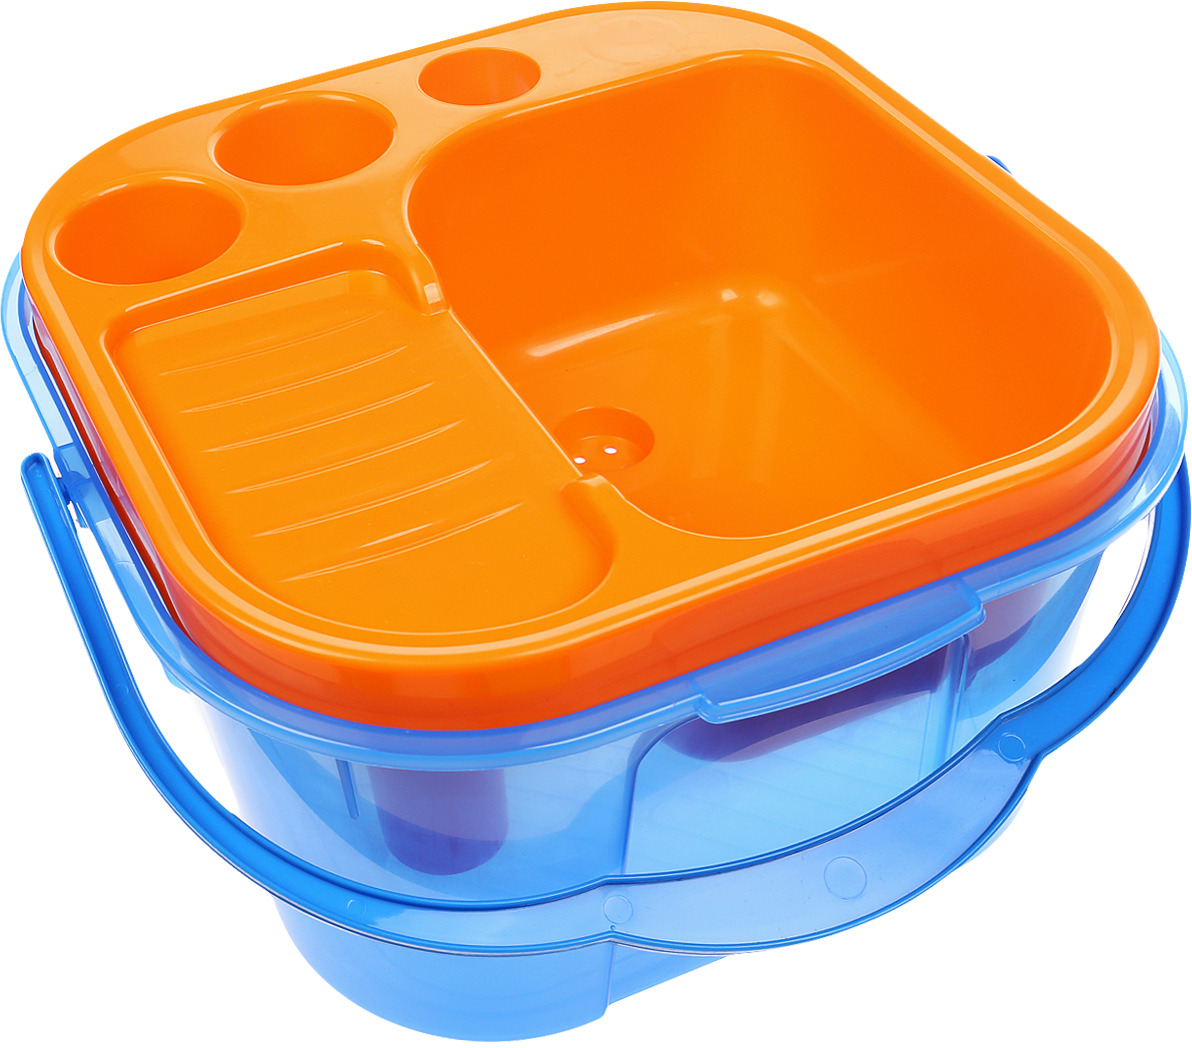 Полесье Игровой набор Мини-посудомойка цвет синий оранжевый полесье игровой набор чистюля мини в ассортименте